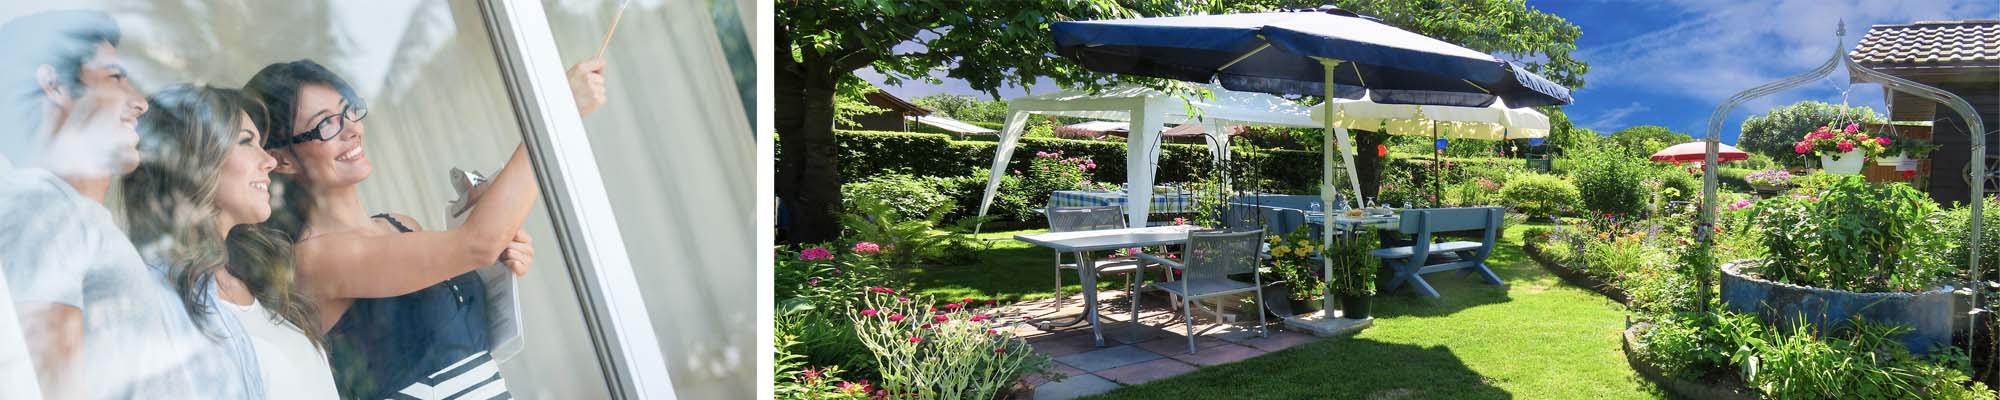 Gartenmöbel – Für jedes Material die richtige Pflege